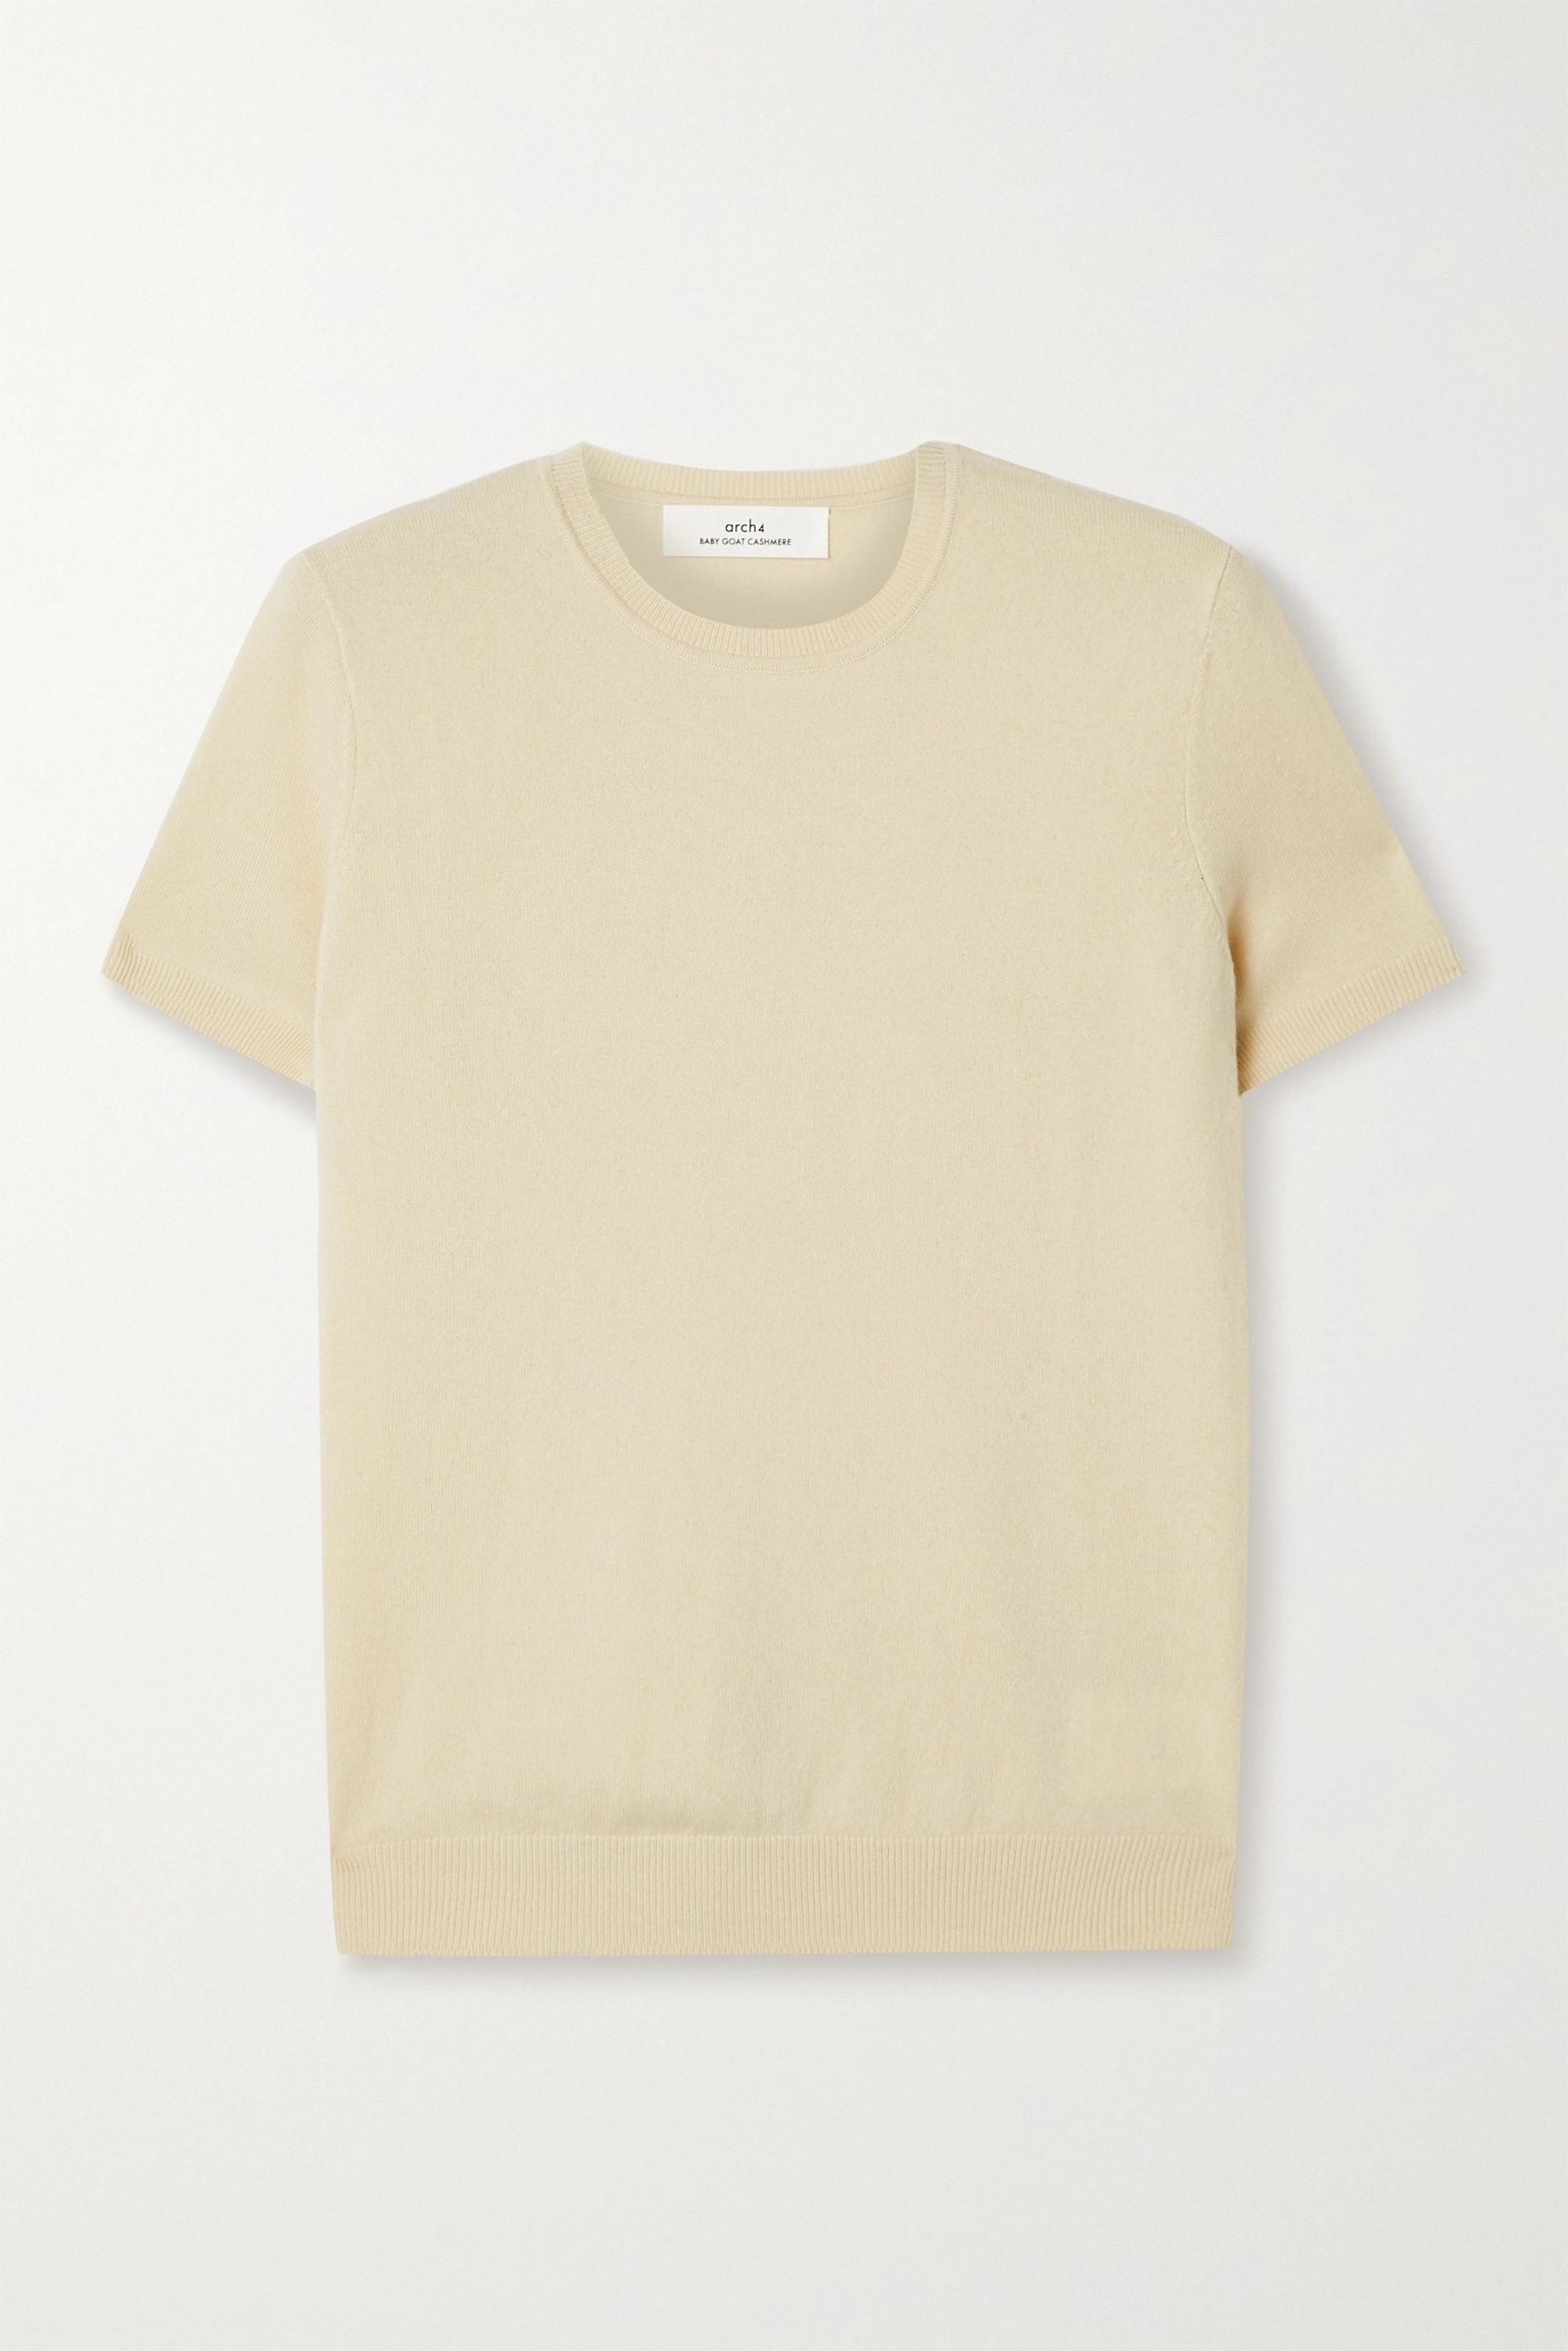 Arch4 + NET SUSTAIN Annex cashmere sweater